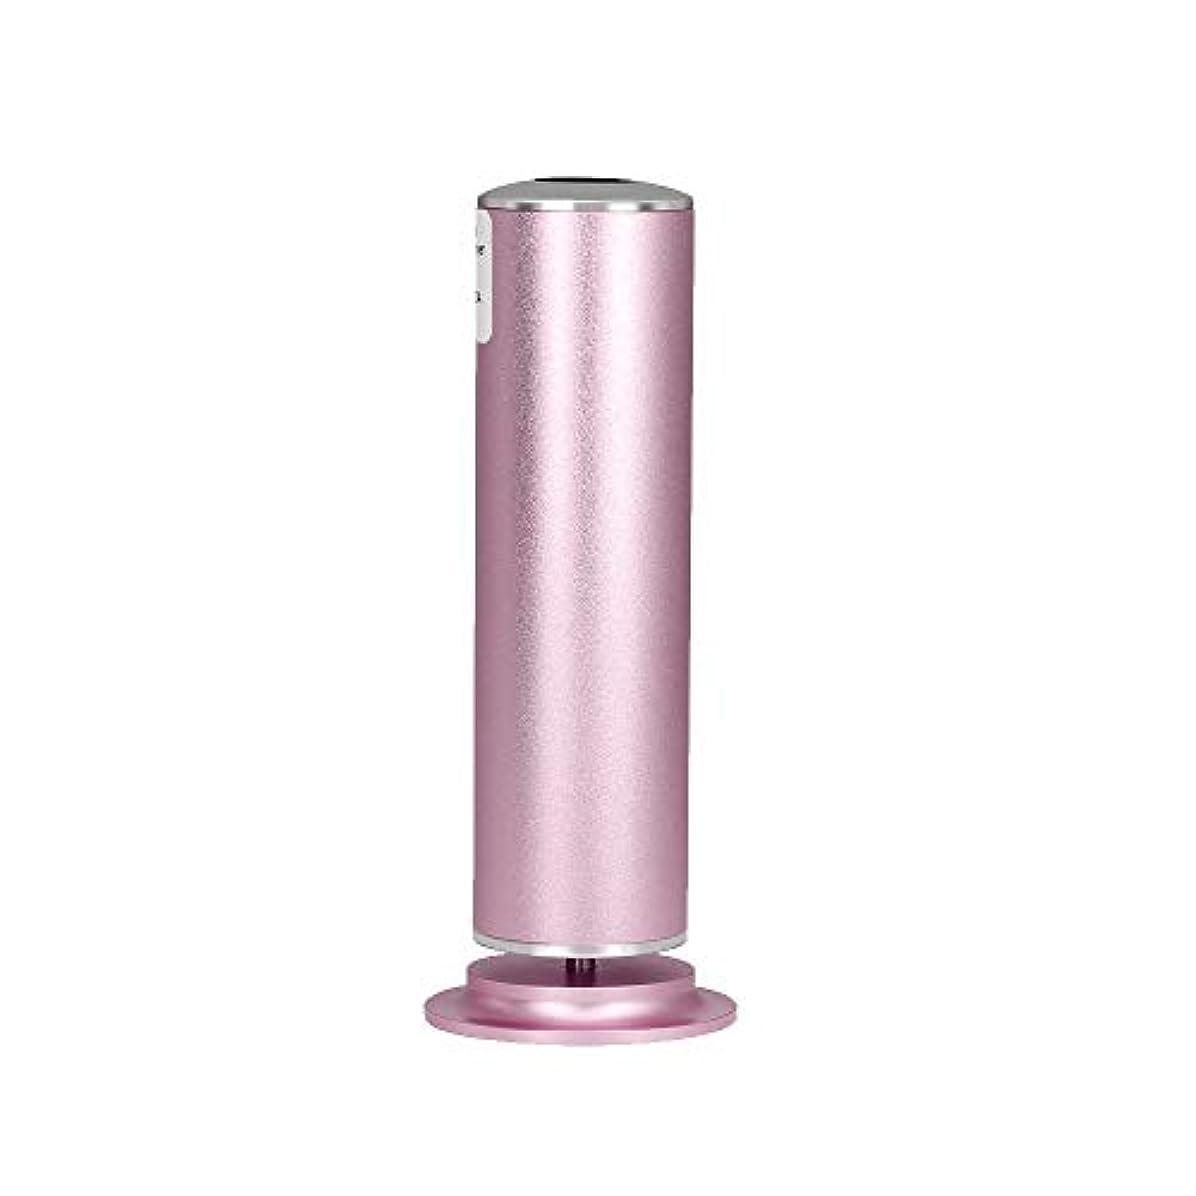 強制飲料版ペディキュアツール電動ニキビリムーバー、最も効果的で最高のプロフェッショナルペディキュアツール-即座に死んだ肌、ハード、荒れた肌を取り除く (Color : Gray)